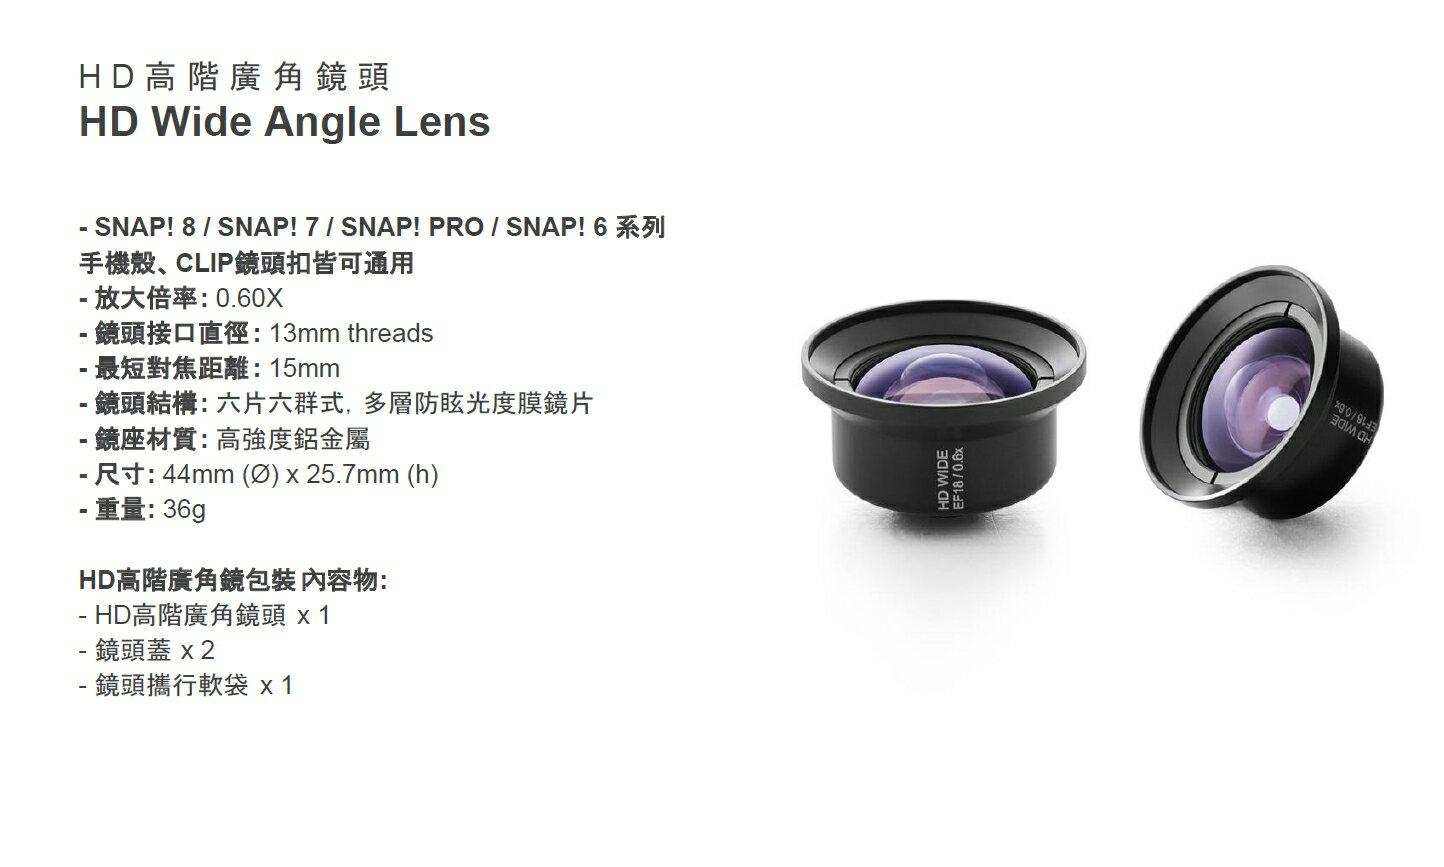 新款 Bitplay SNAP! HD高畫質廣角鏡頭 永準公司貨 手機鏡頭 須搭配相機殼使用 iPhone 6 6s Plus